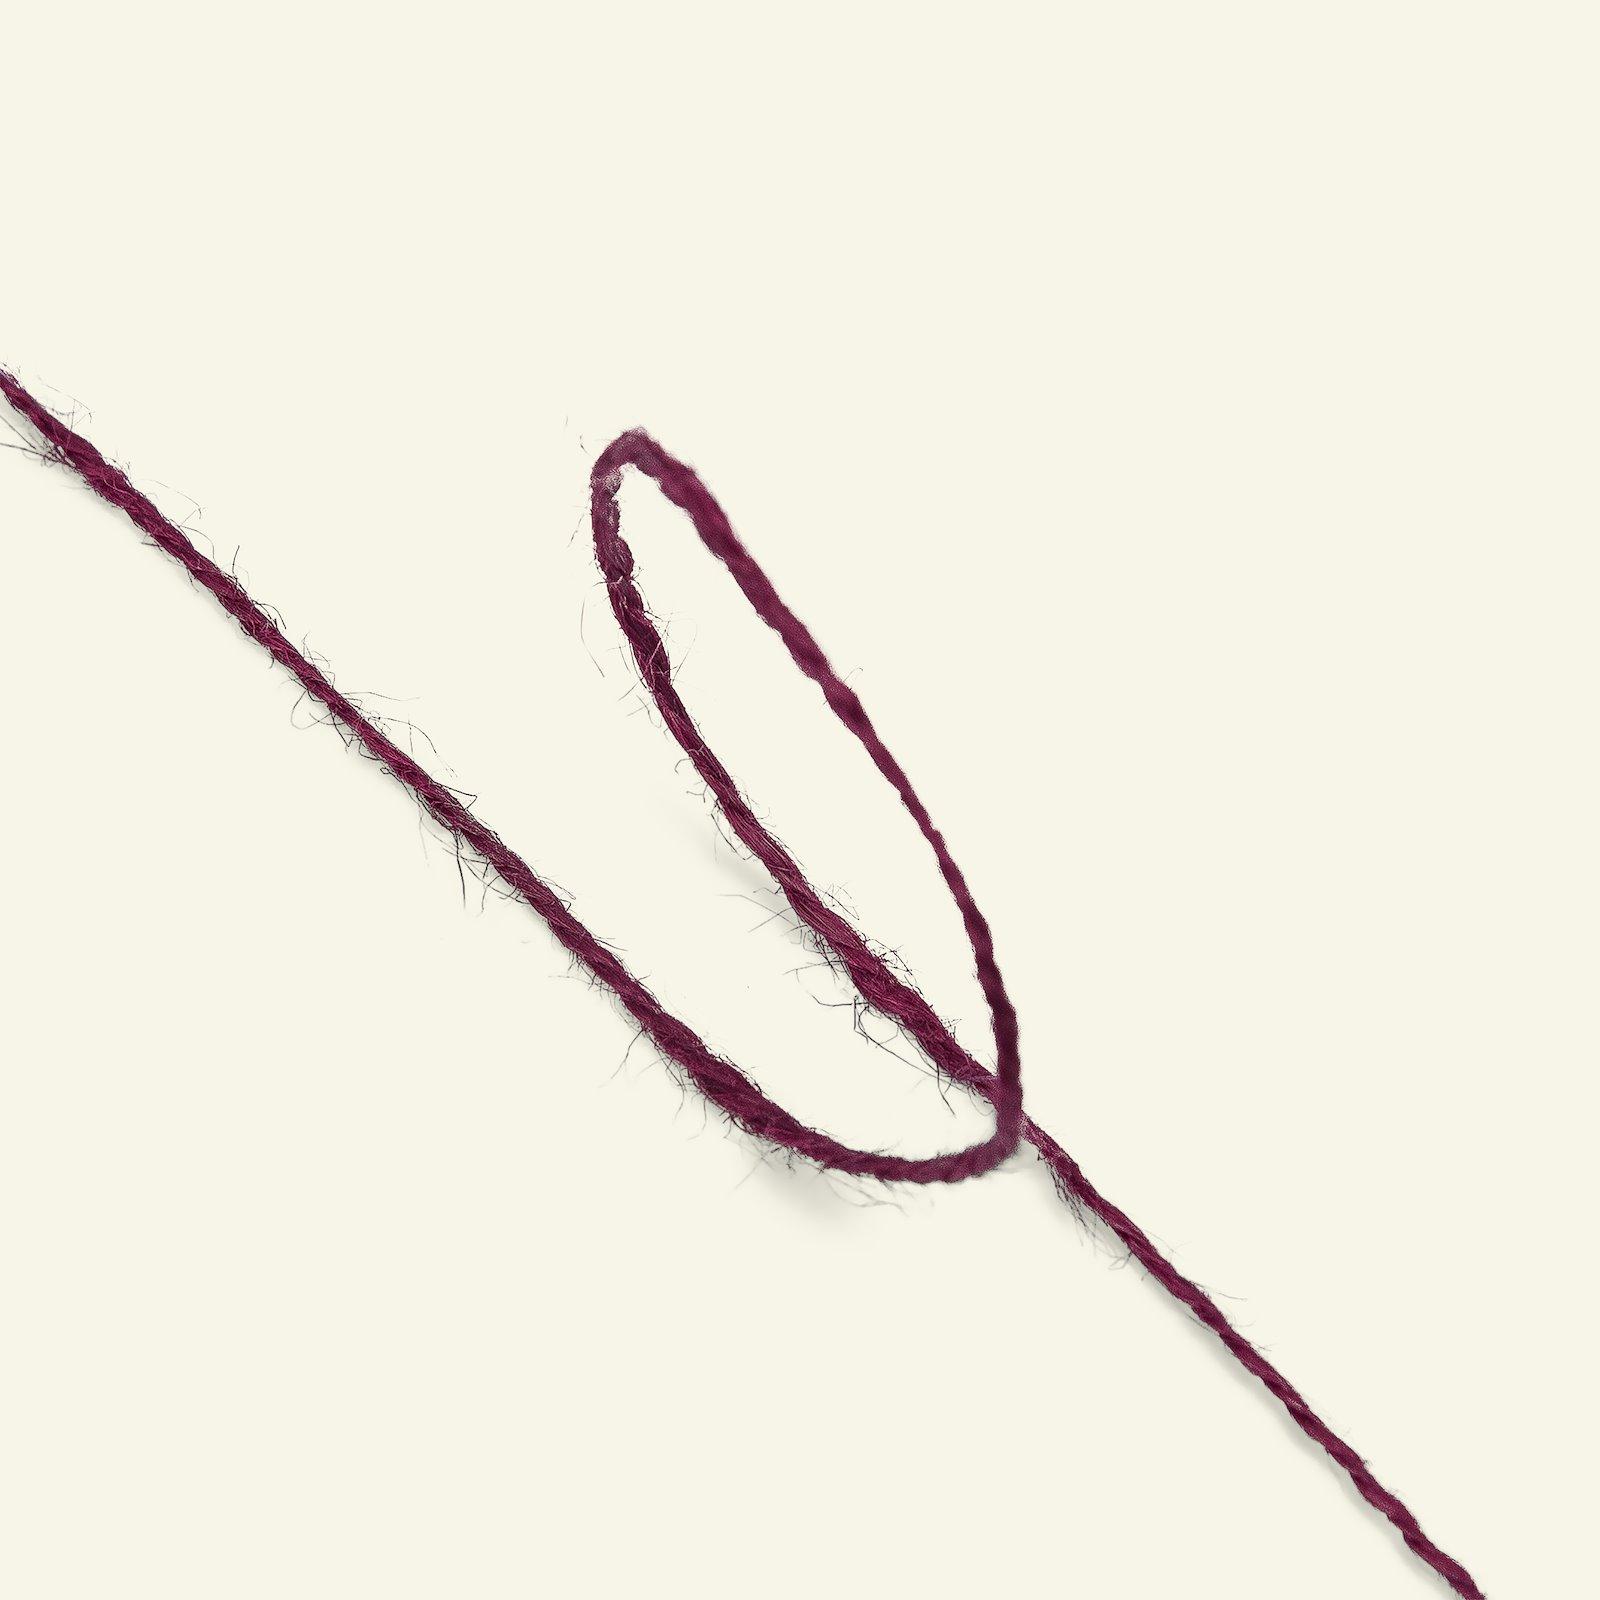 Cord linen bordeaux 25 m 93407_pack